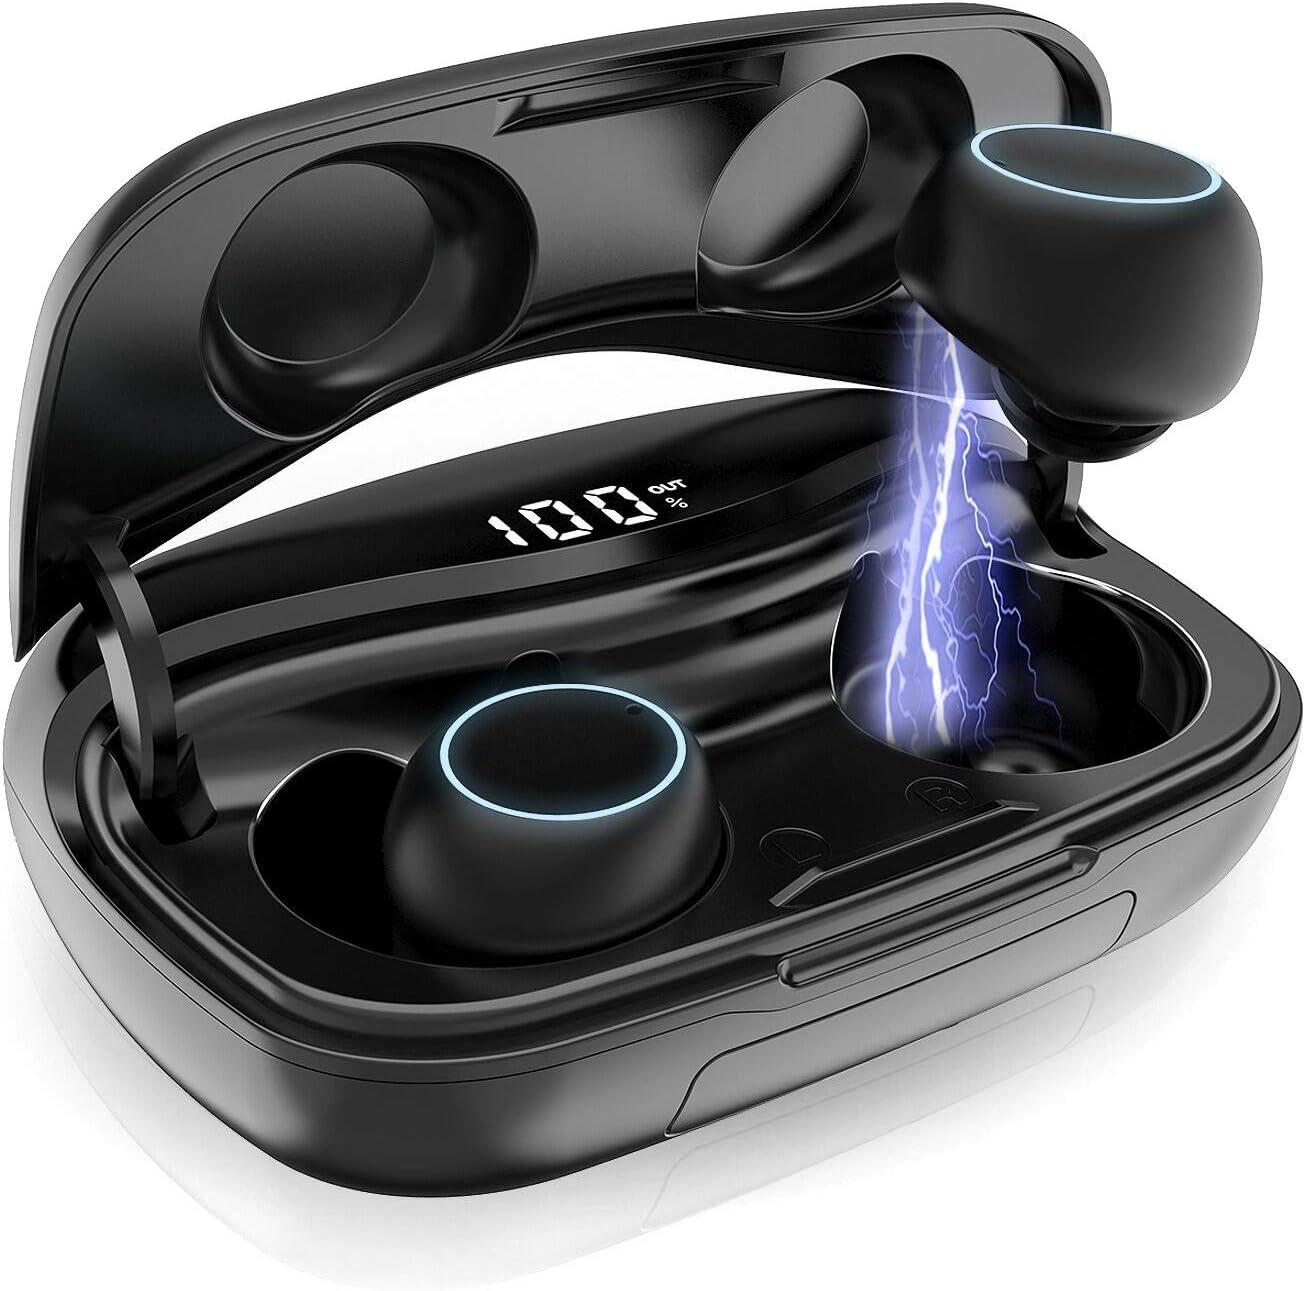 iPosible Auriculares Bluetooth, Auriculares Inalámbricos Mini Twins Estéreo In-Ear Bluetooth 5.0 Sonido Estéreo Auricular con Caja de Carga Portátil y Micrófono Integrado para iOS y Android